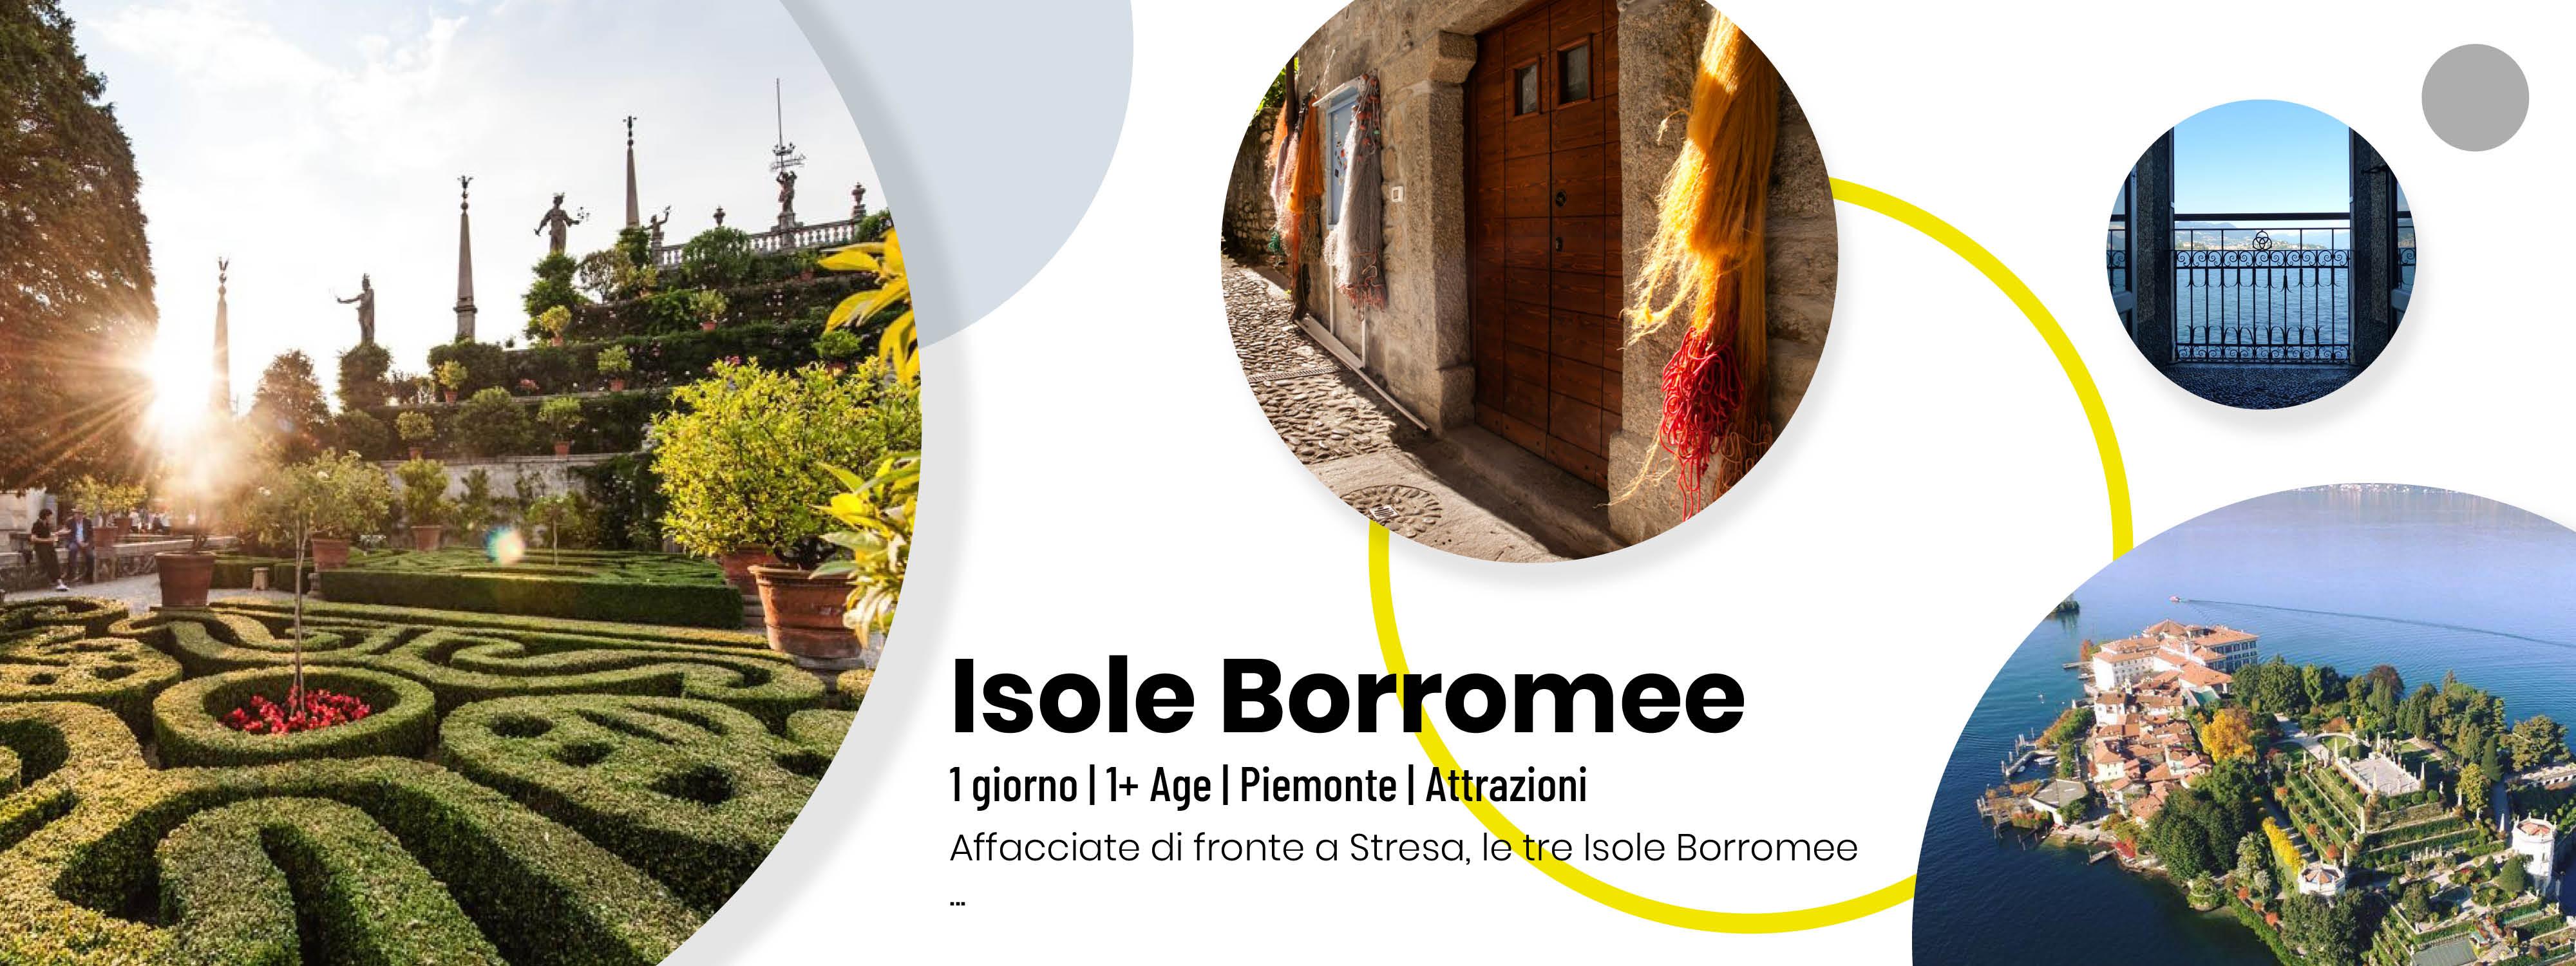 isole borromee big